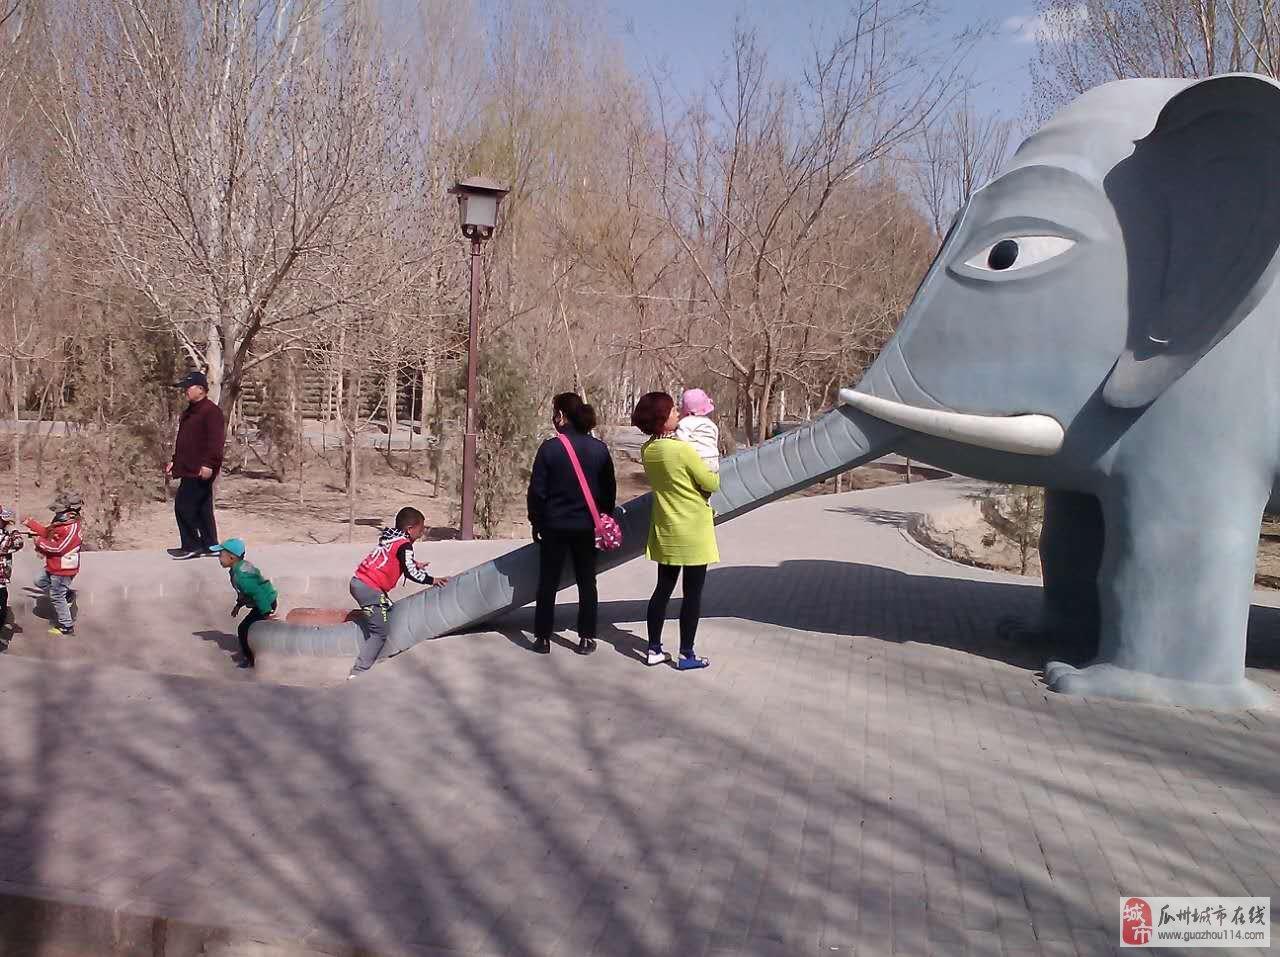 春季来临在瓜州南公园自娱自乐的老年人